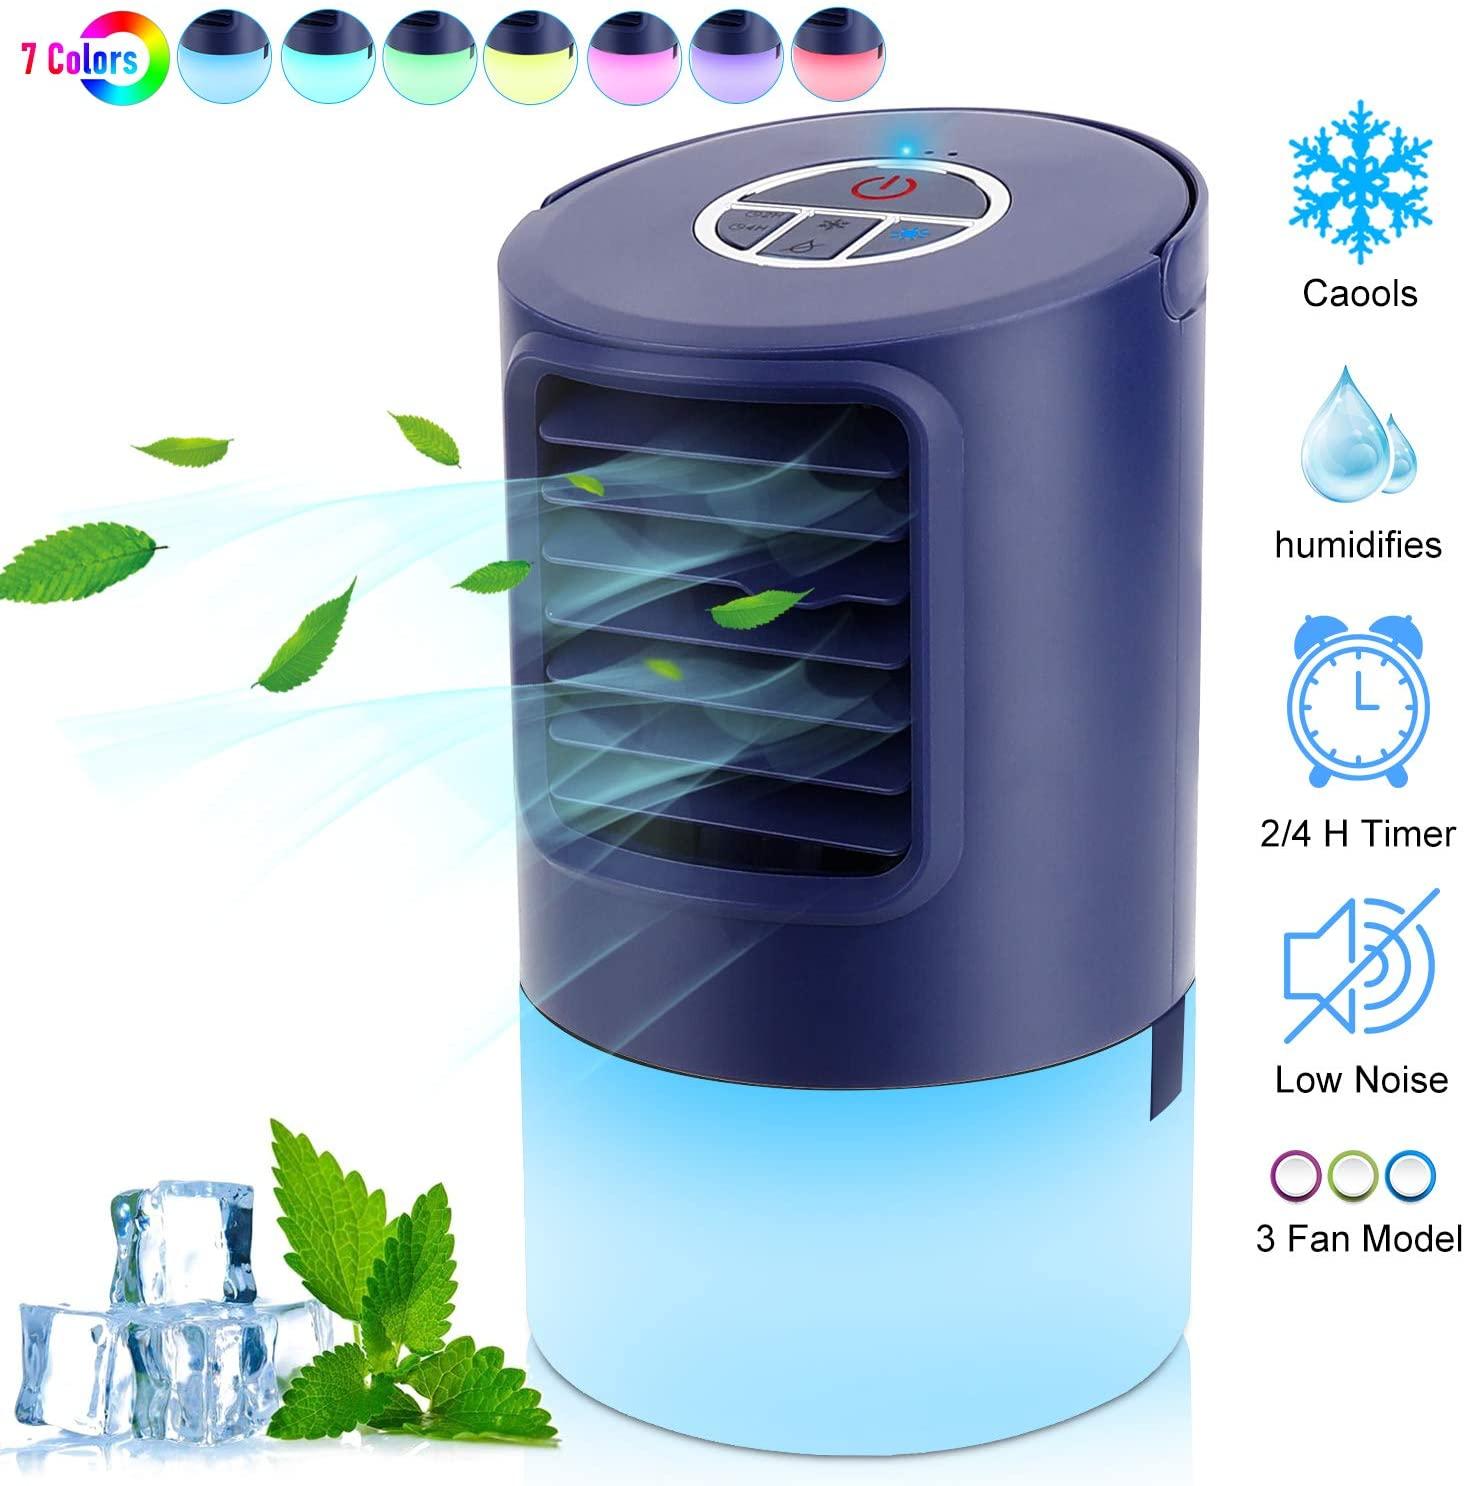 RenFox Aire Acondicionado Portátil Air Cooler Humidificador ,Aire Acondicionado Portátil con Mango Oficina Ventilador de Escritorio Mini Ventilador para el hogar, Interior, Cocina, al Aire Libre [Clase de eficiencia energética A+++]